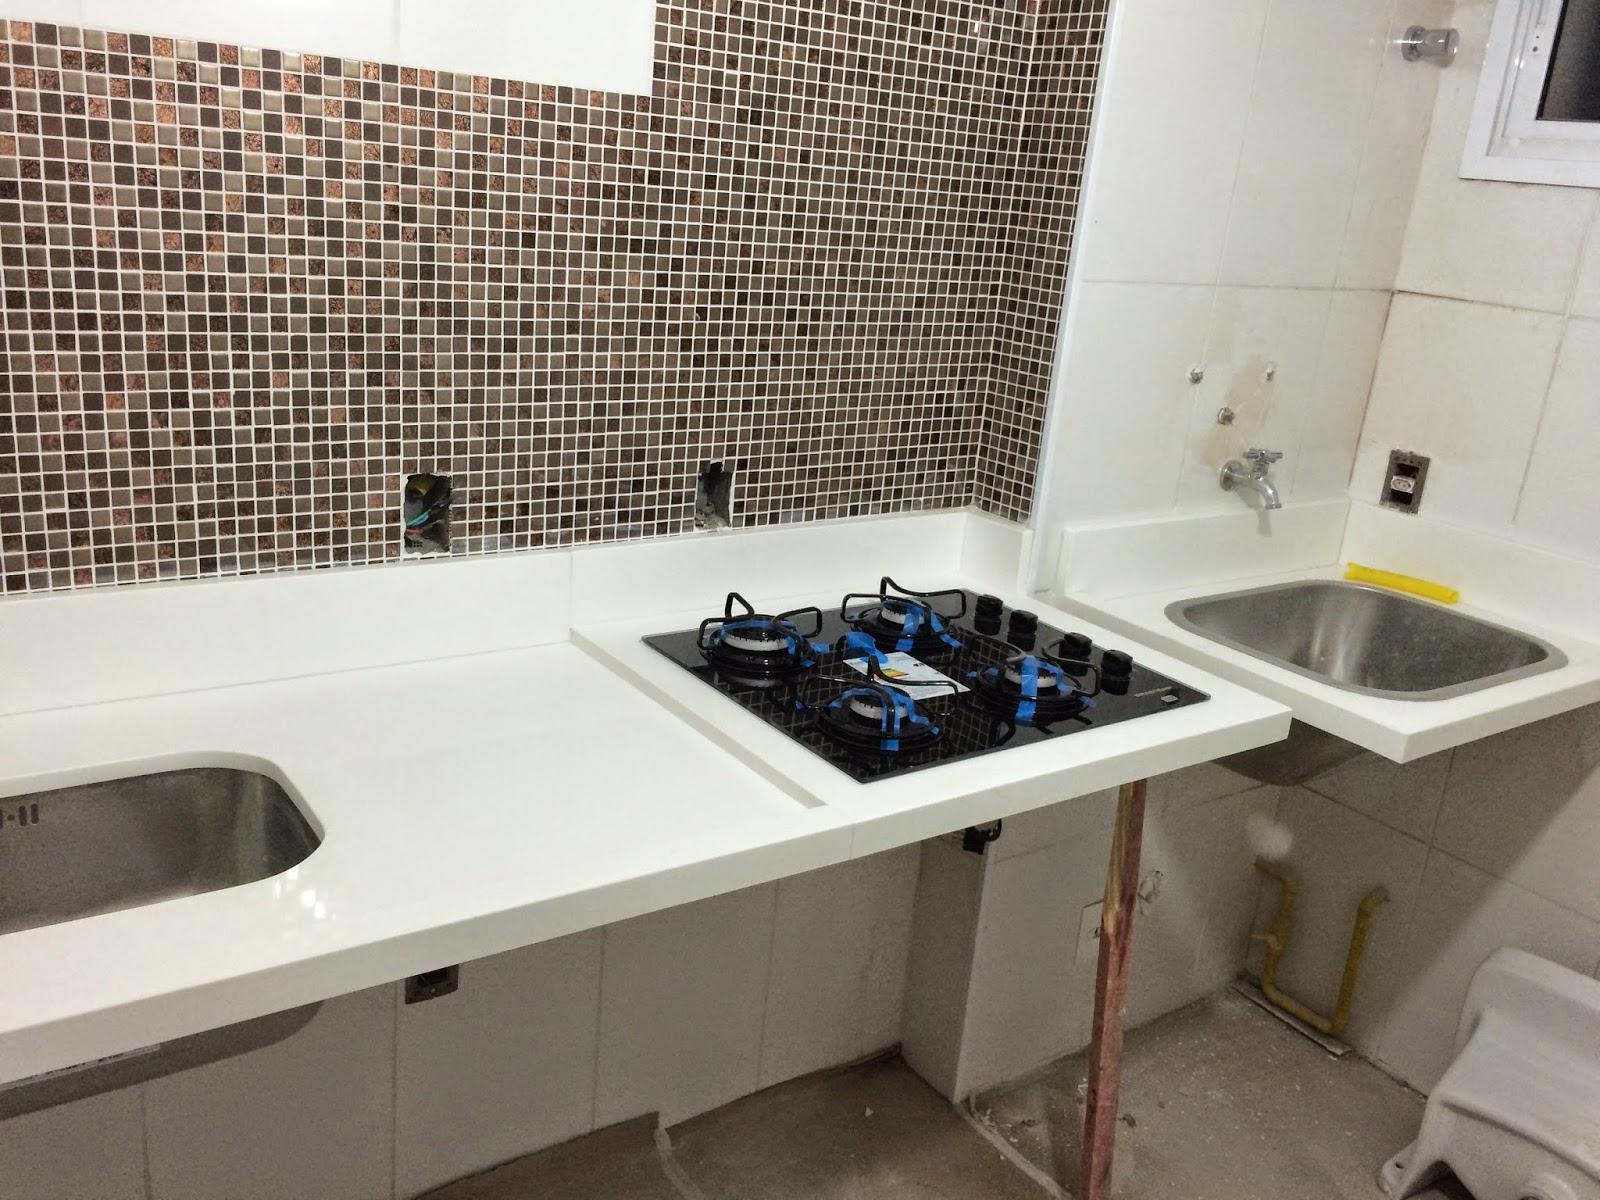 Apê 114: Bancada da Cozinha e Área de Serviço em Quartzo Branco #AD981E 1600 1200